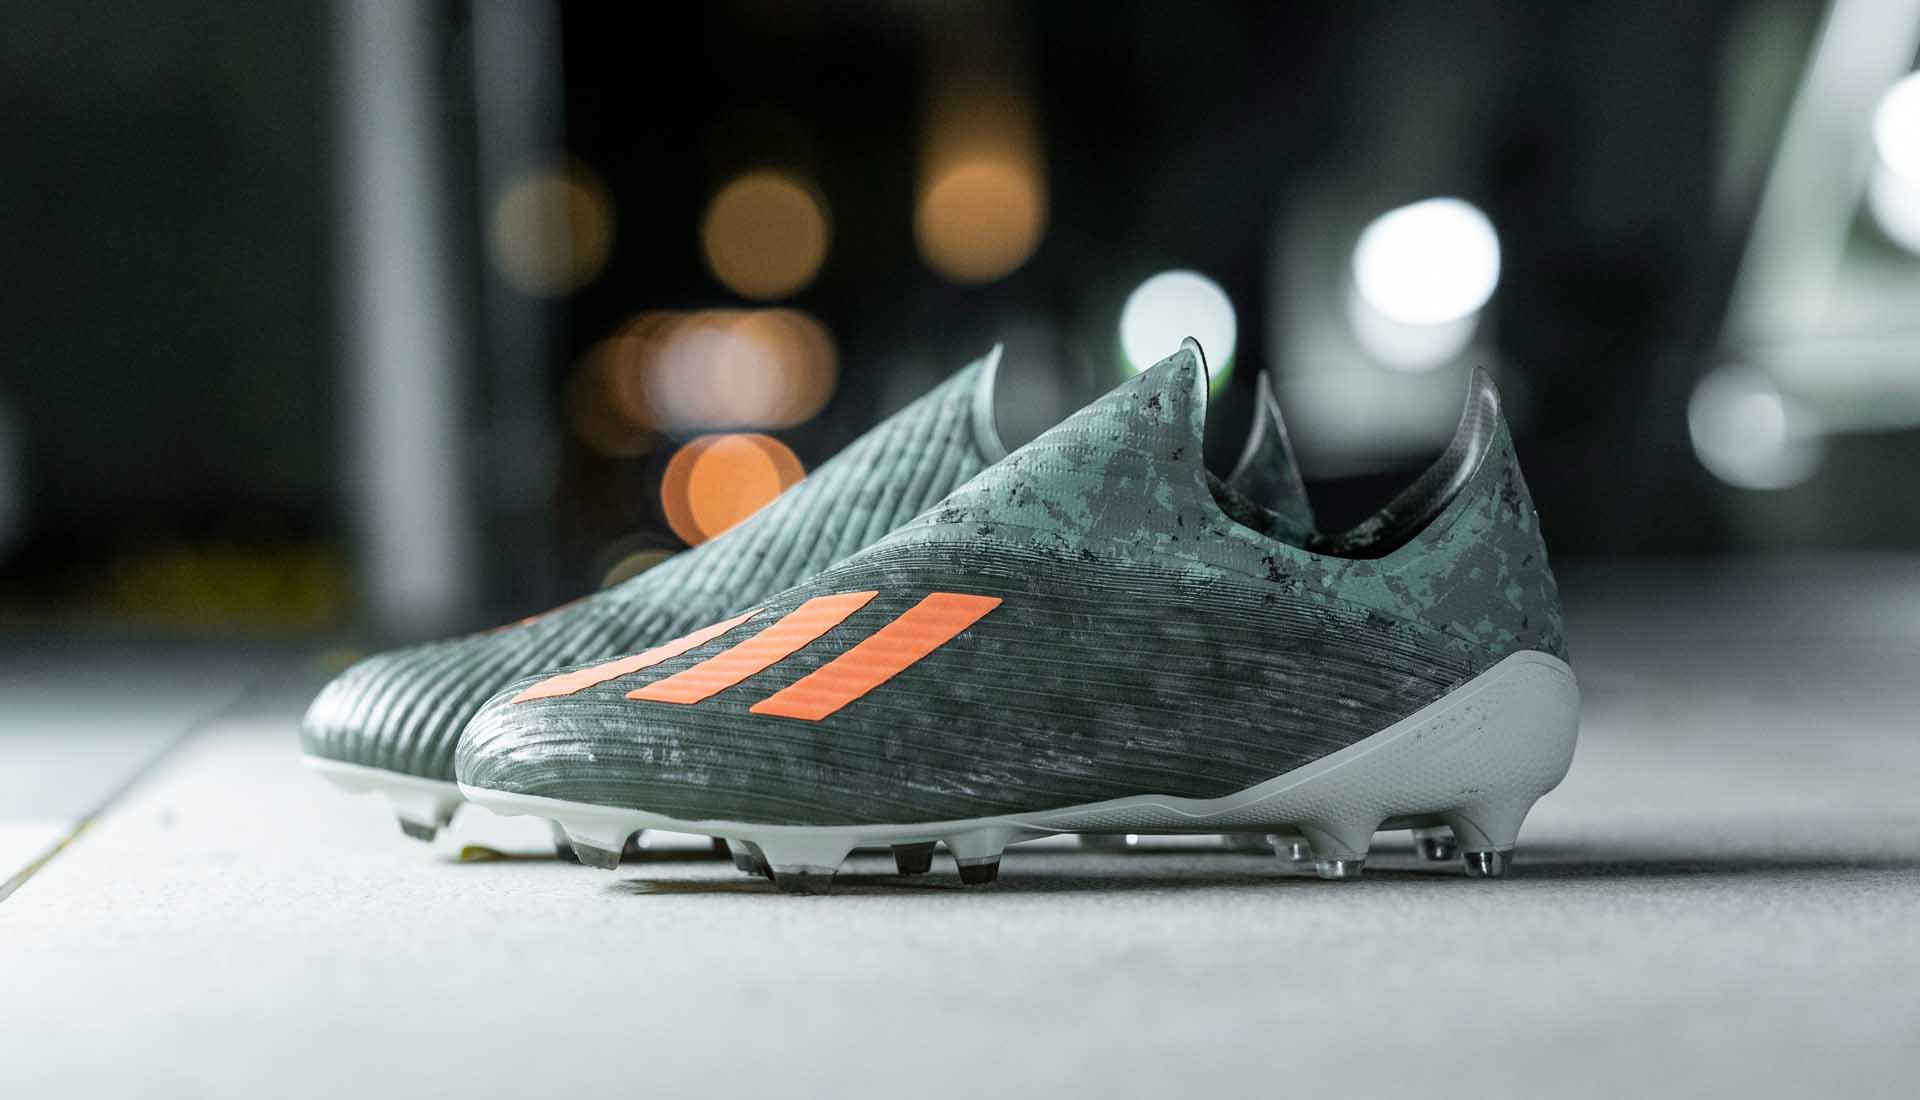 Giày bóng đá Adidas cũng được sản xuất ở các nước có chi phí nhân công rẻ